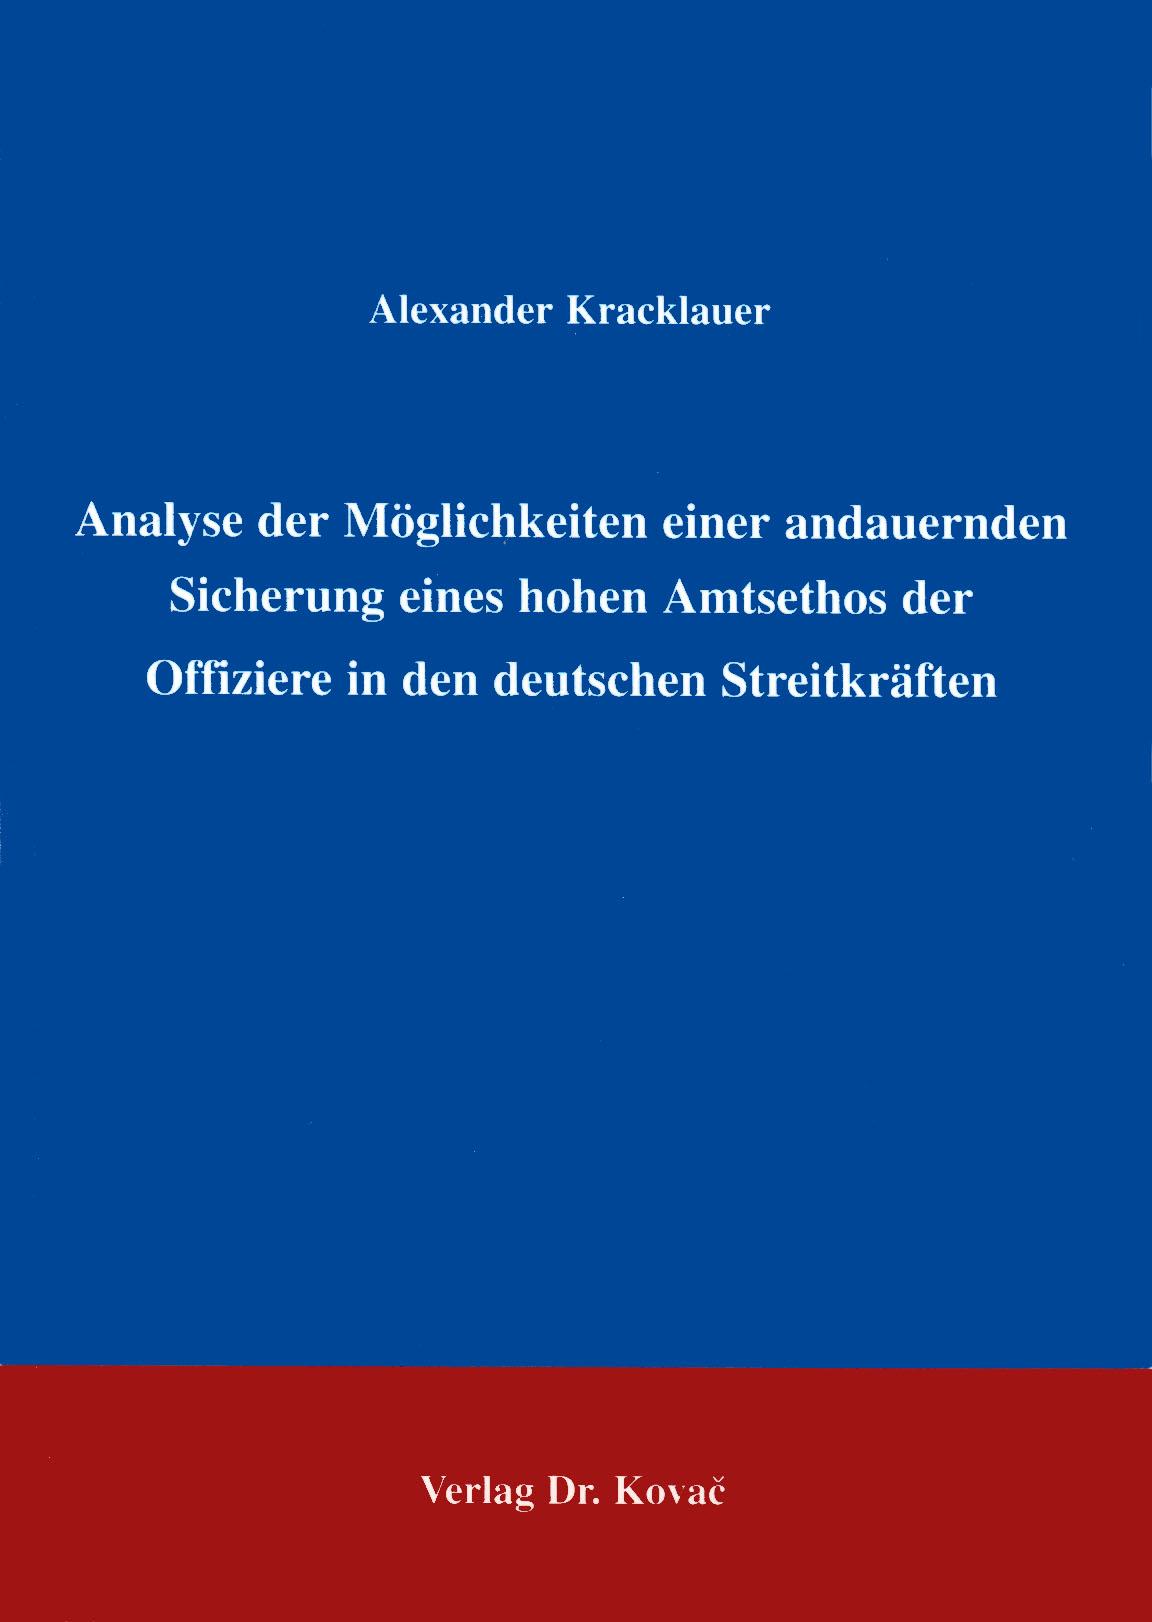 Cover: Analyse der Möglichkeiten einer andauernden Sicherung eines hohen Amtsethos der Offiziere in den deutschen Streitkräften